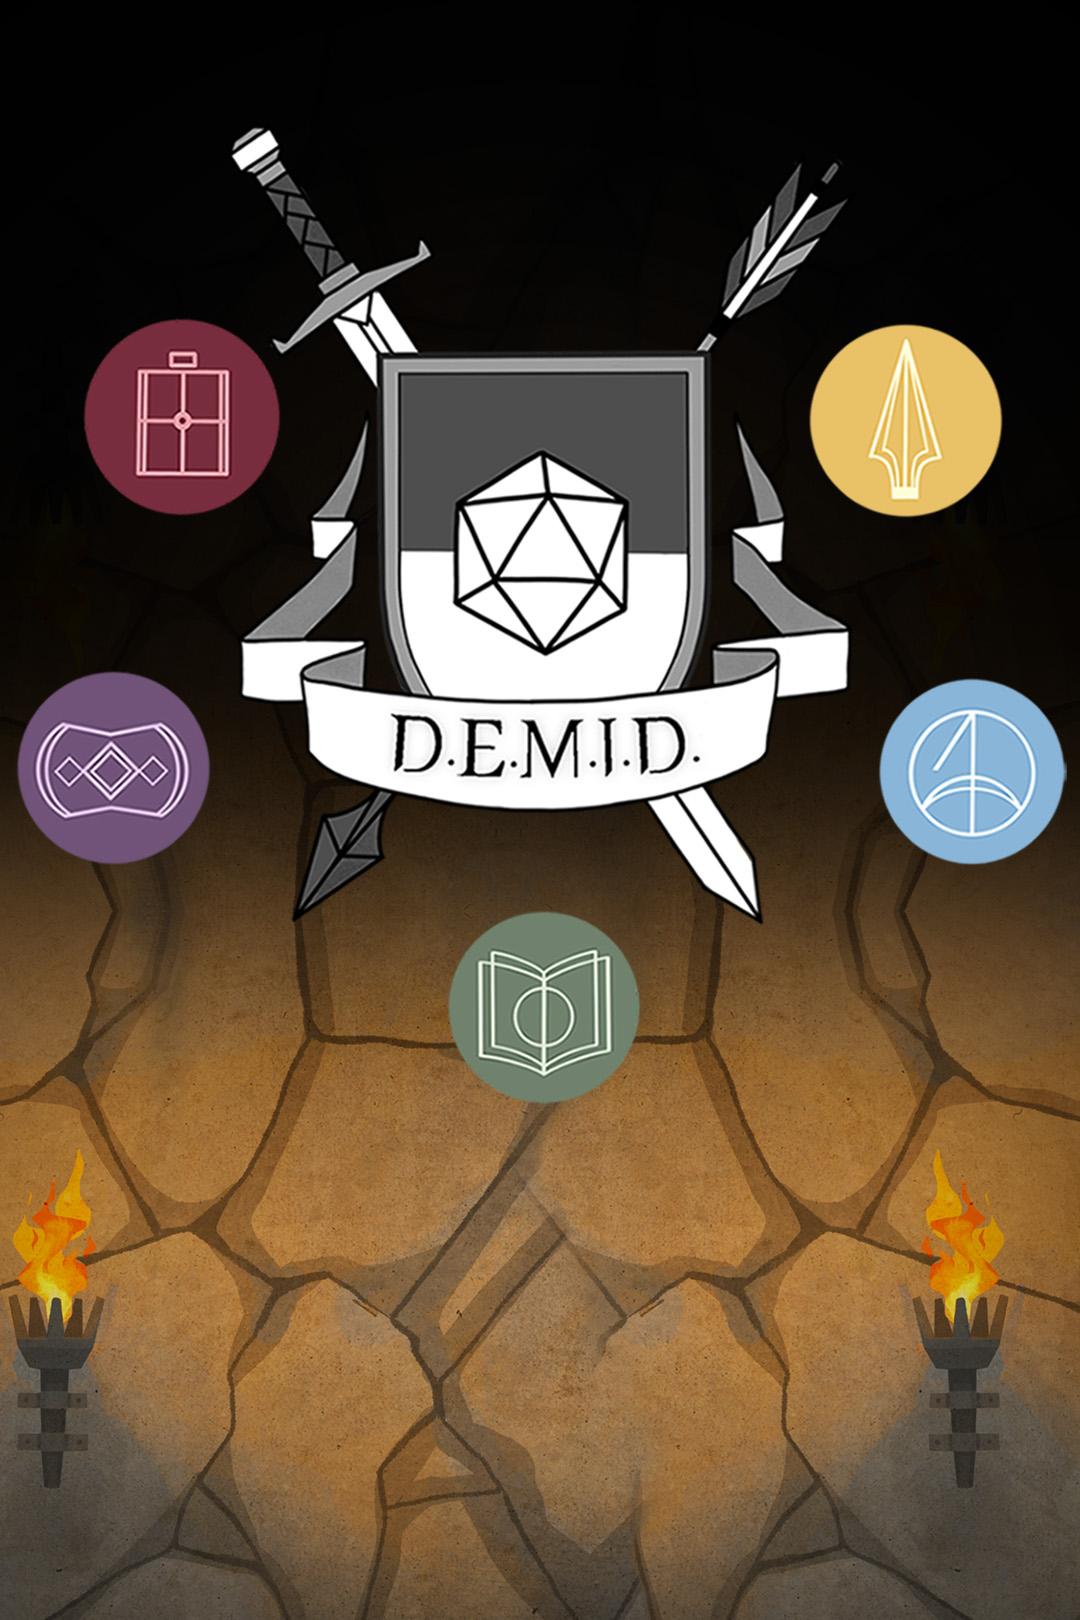 B4Pixel DEMID Das erste Mal im Dungeon